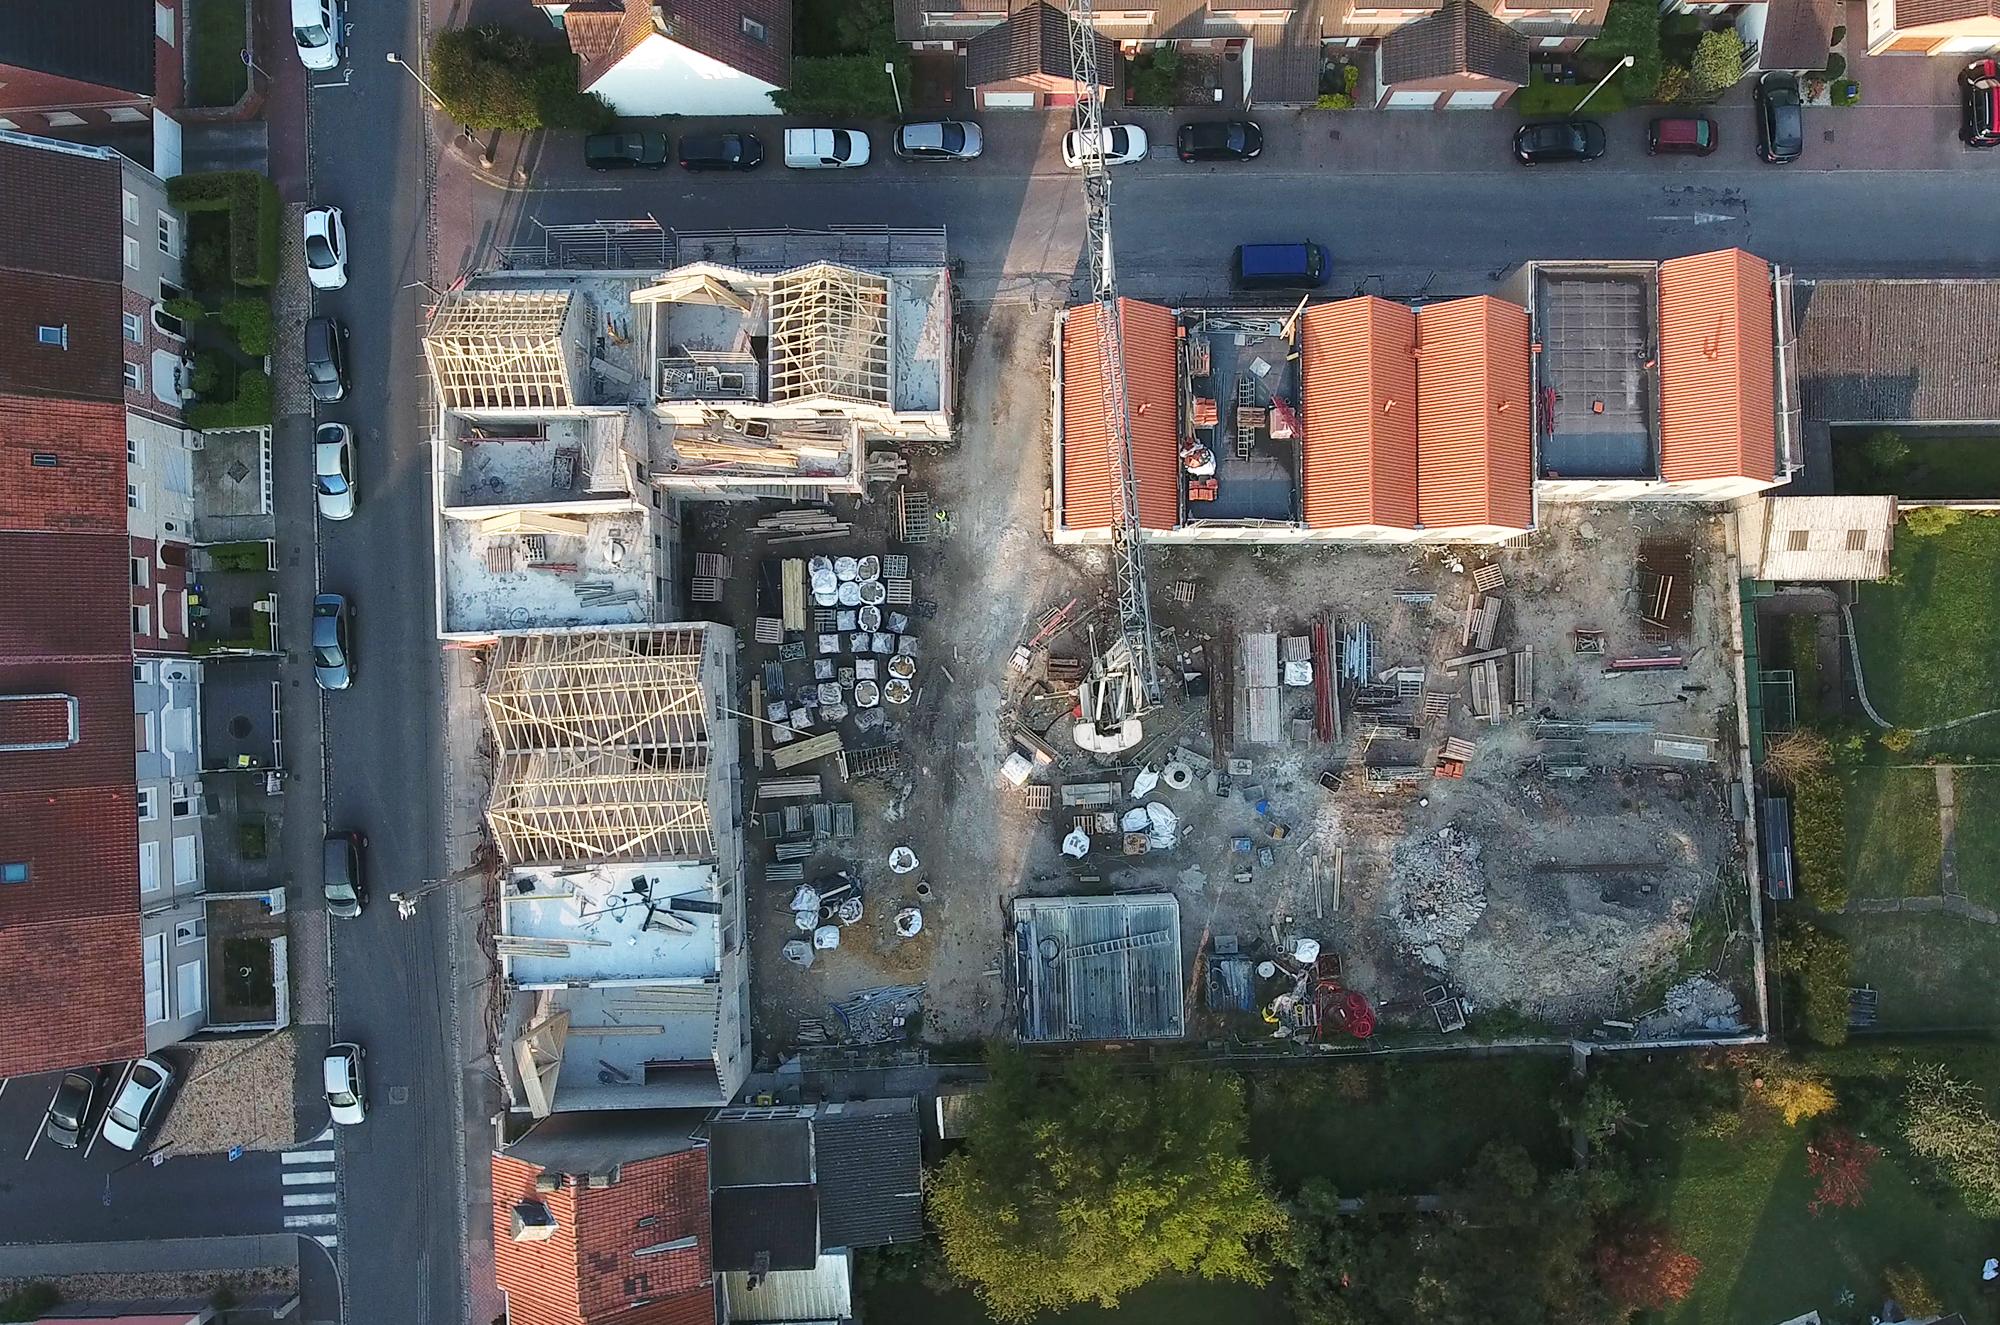 Suivi des chantiers de construction. Photo aérienne verticale à l'aplomb d'un chantier.